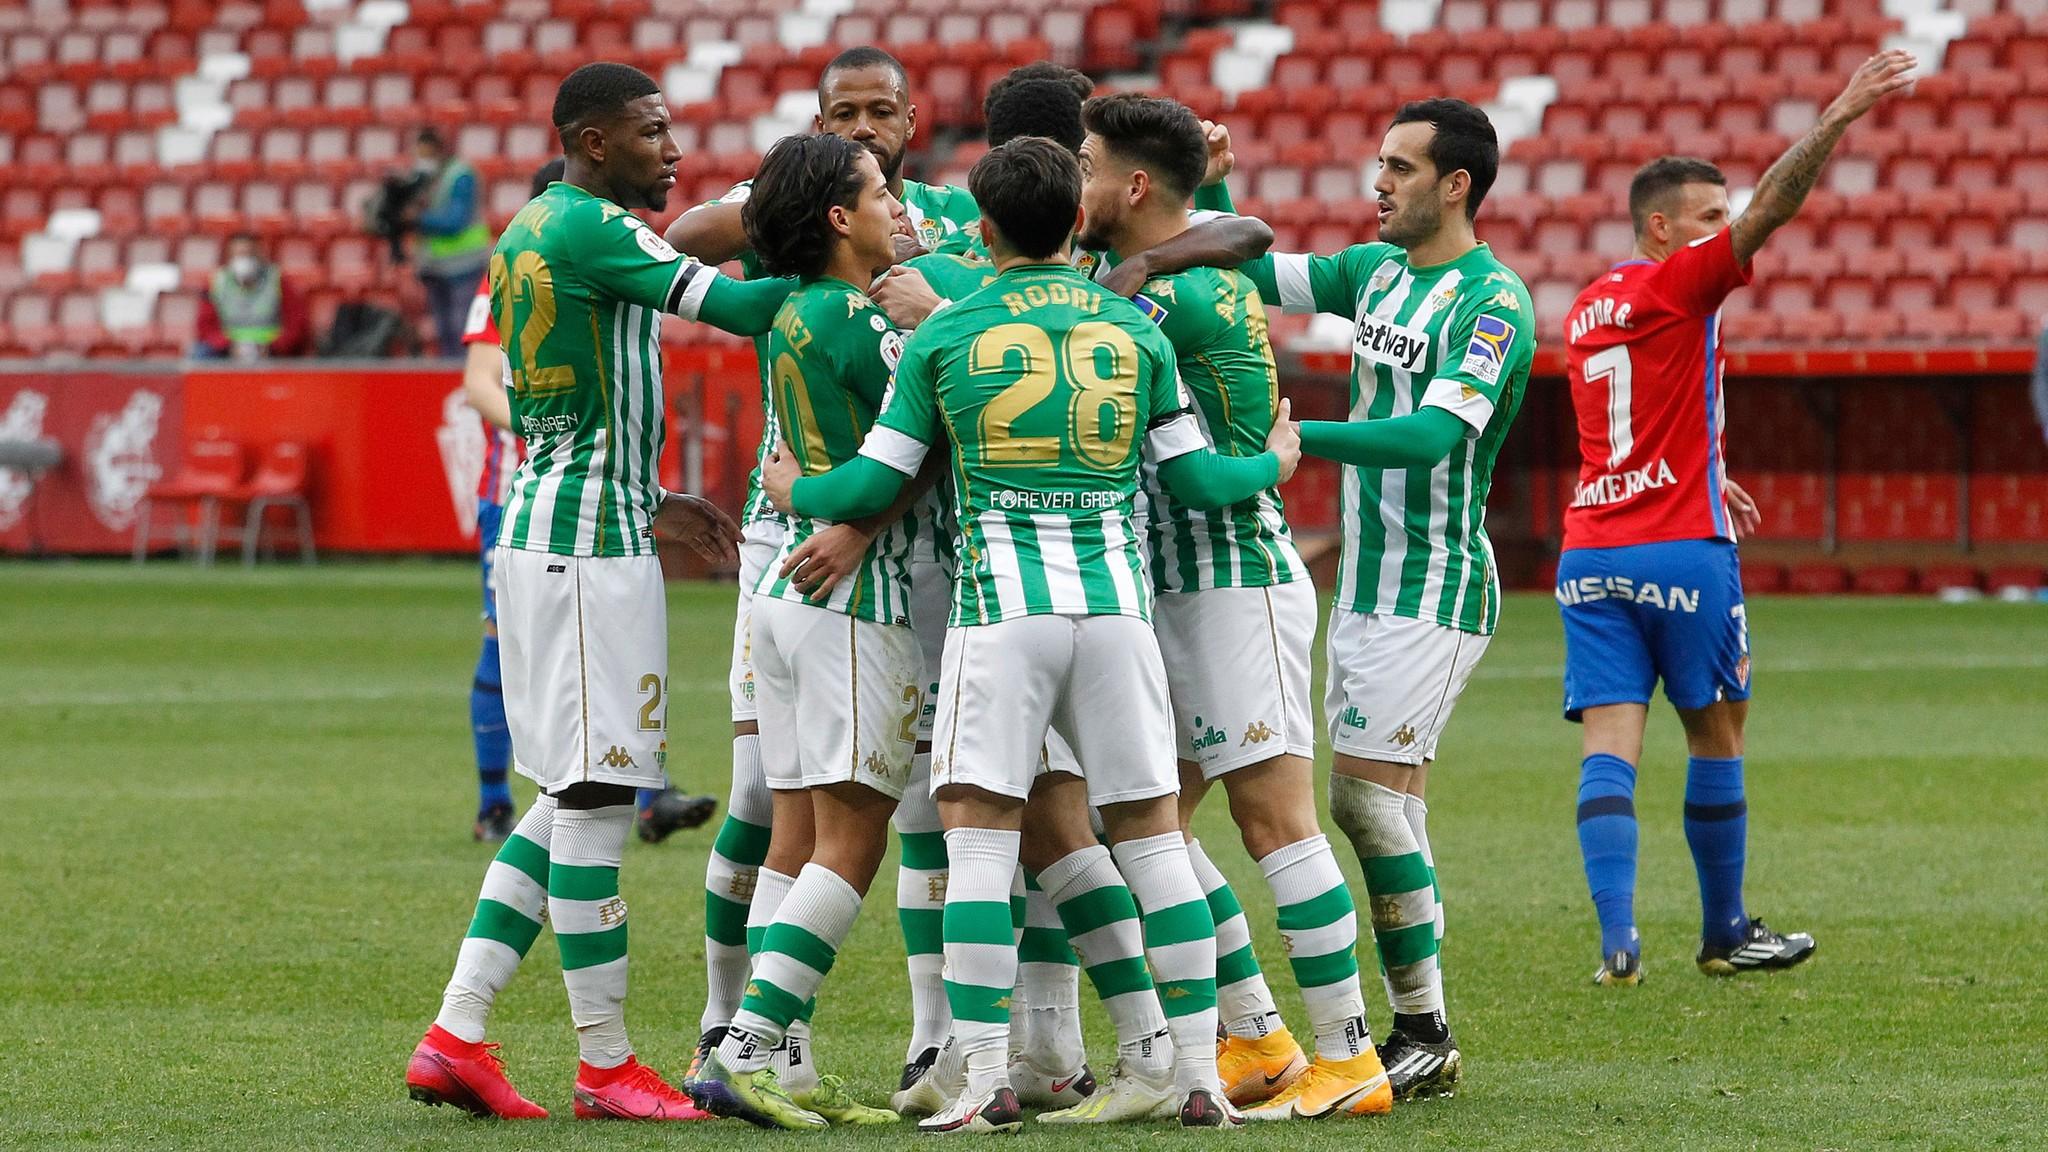 Los jugadores del Betis, celebrando el 0-1